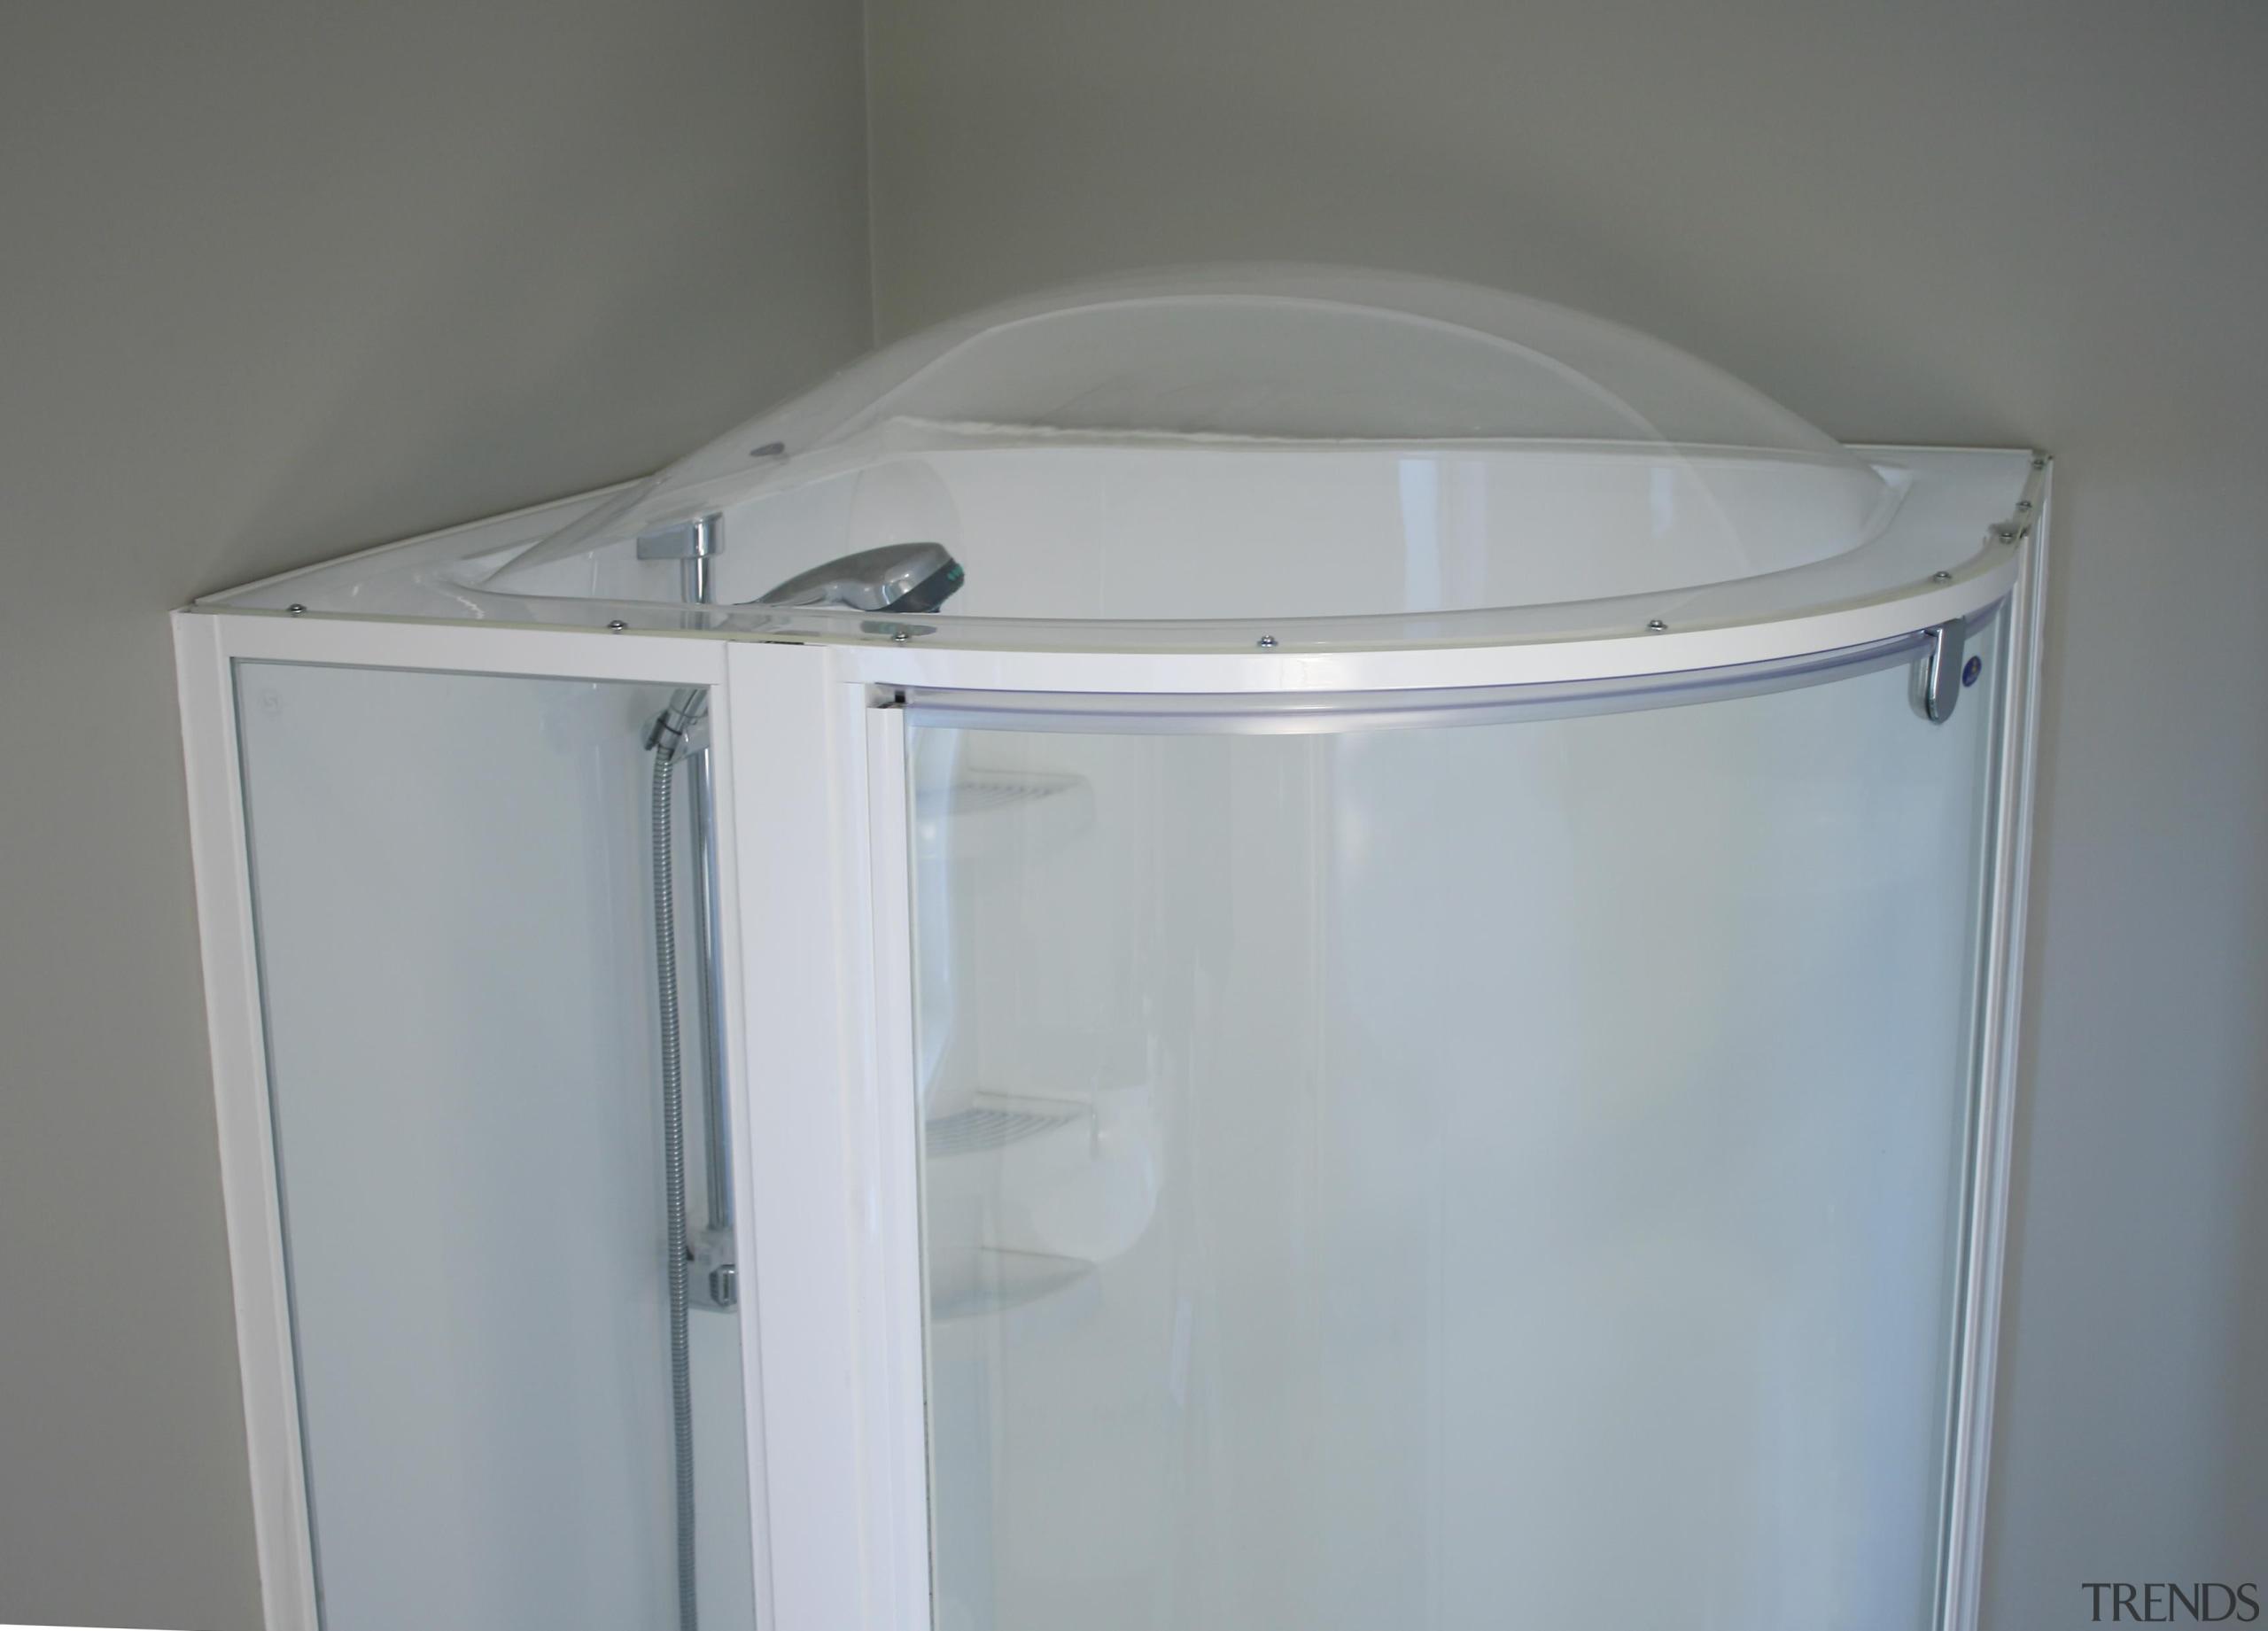 img0018.jpg - img0018.jpg - angle   bathroom accessory angle, bathroom accessory, lighting, product, product design, gray